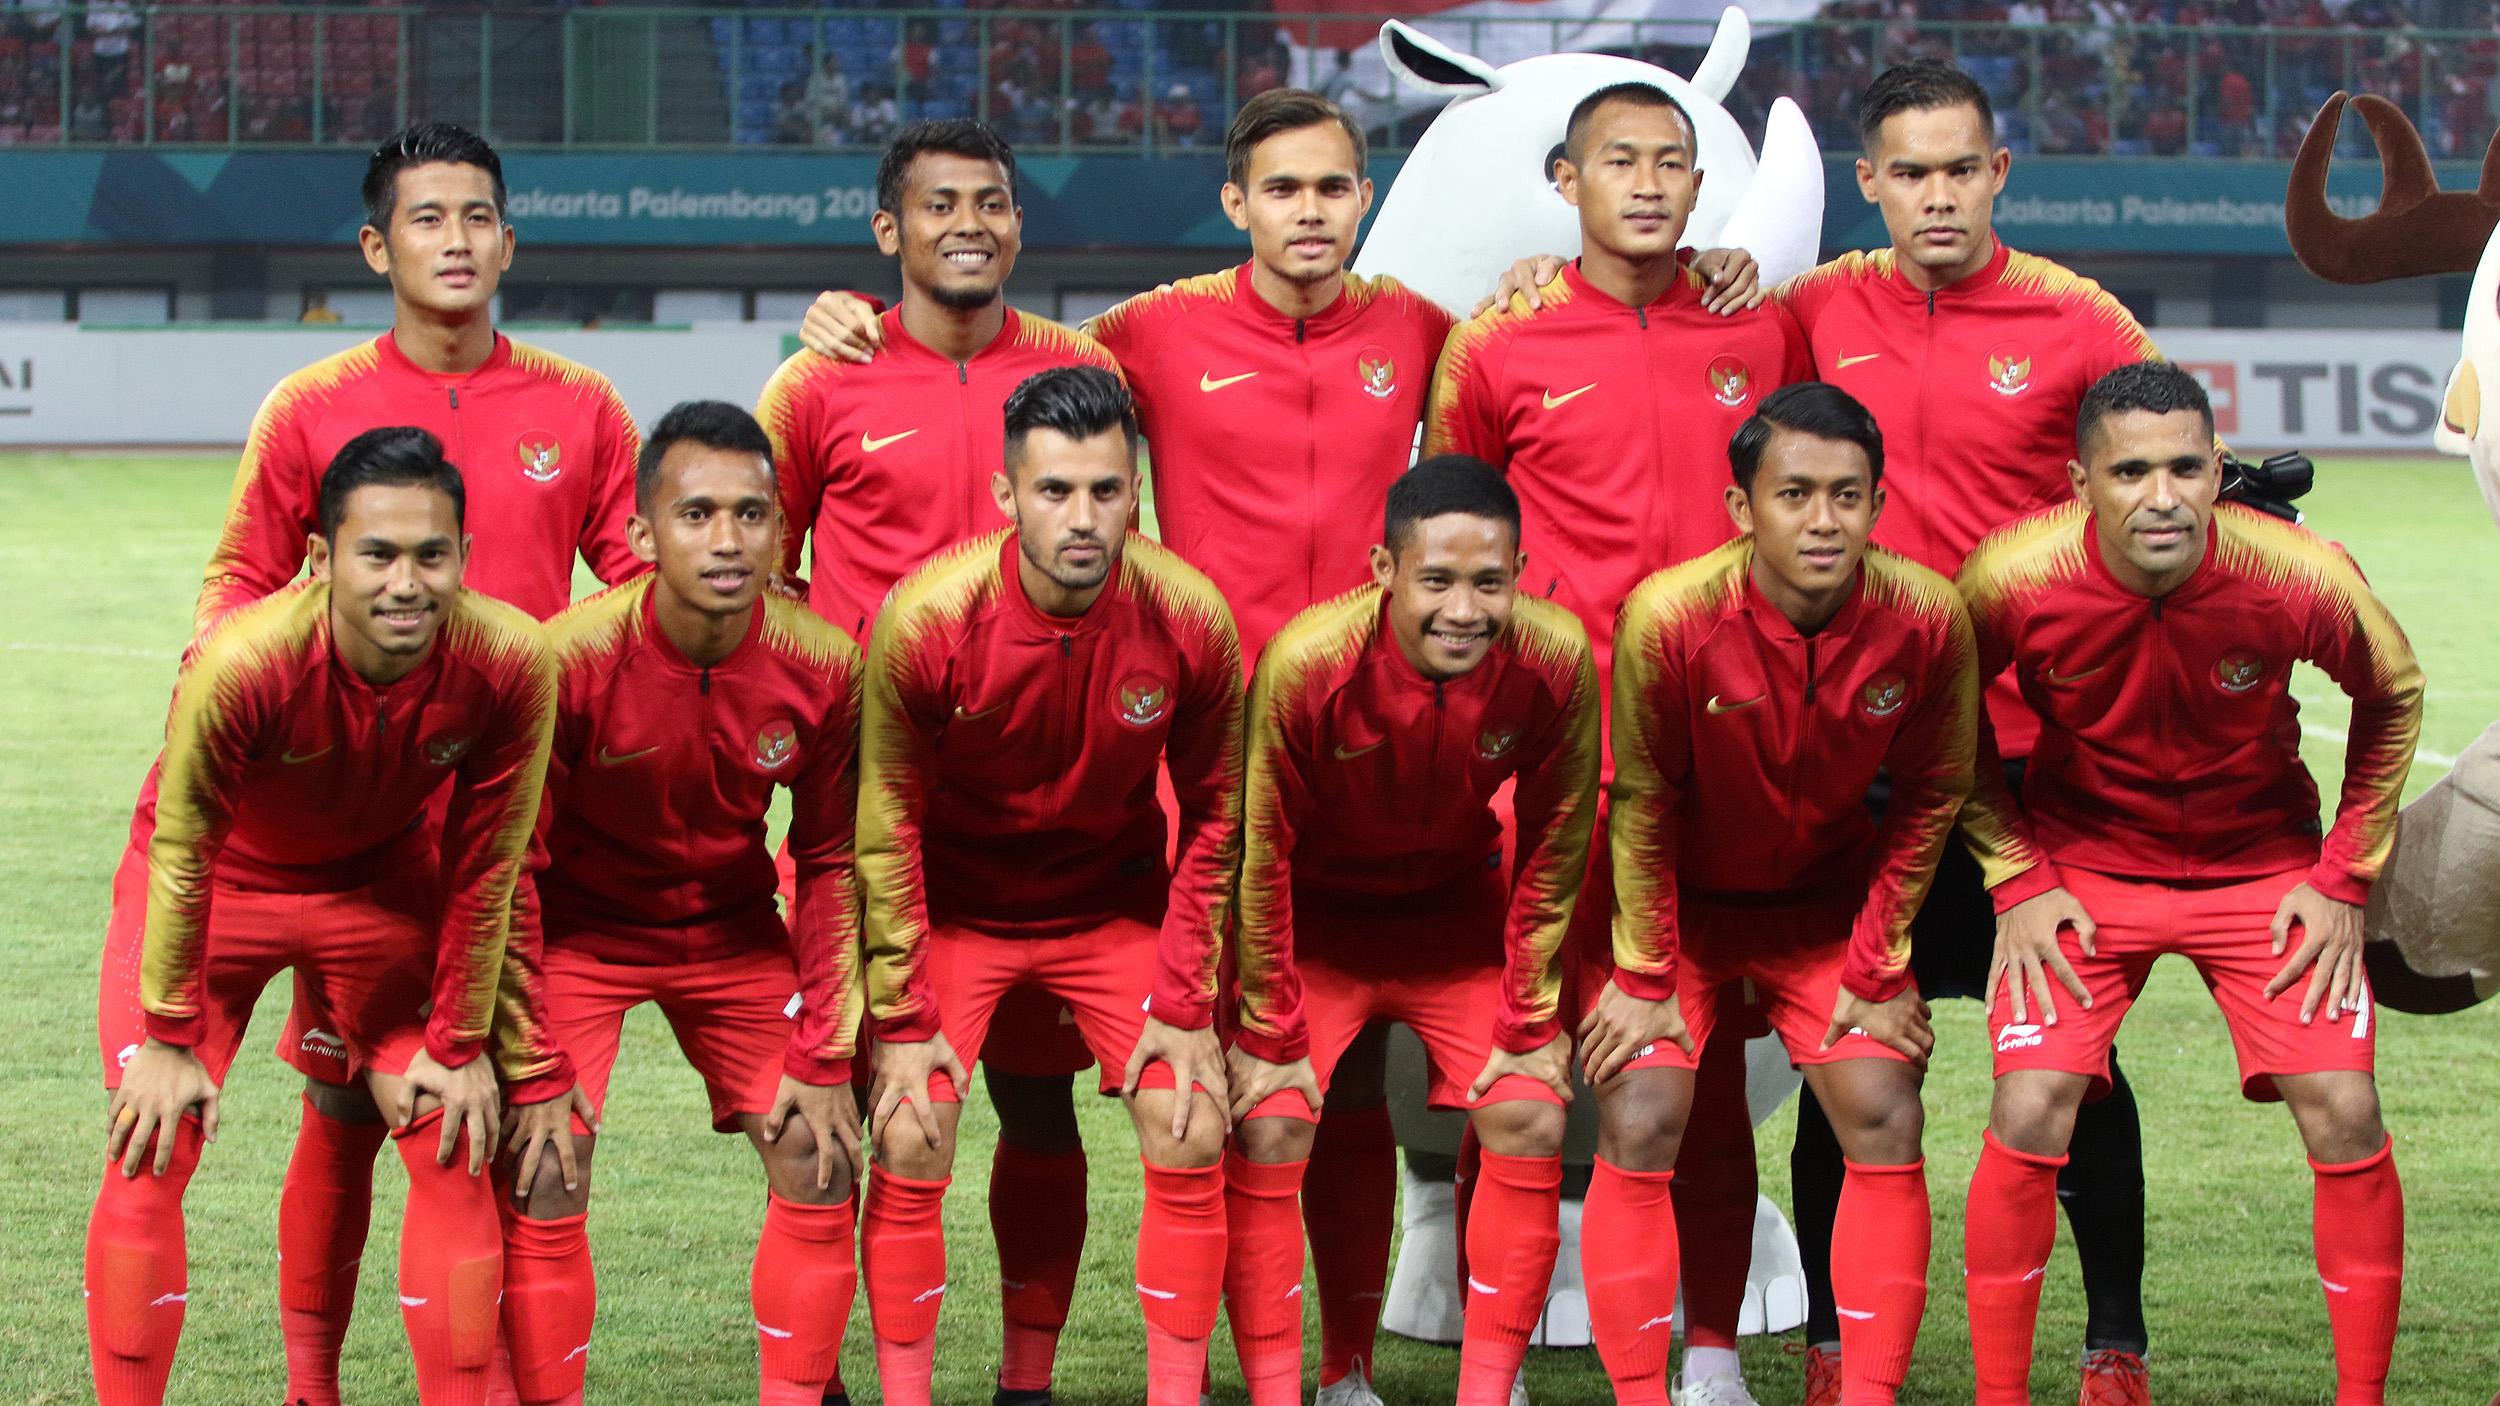 Jadwal Asian Games 2018 Timnas Indonesia  Klasemen, Harga Tiket, Venue Cabang Olahraga